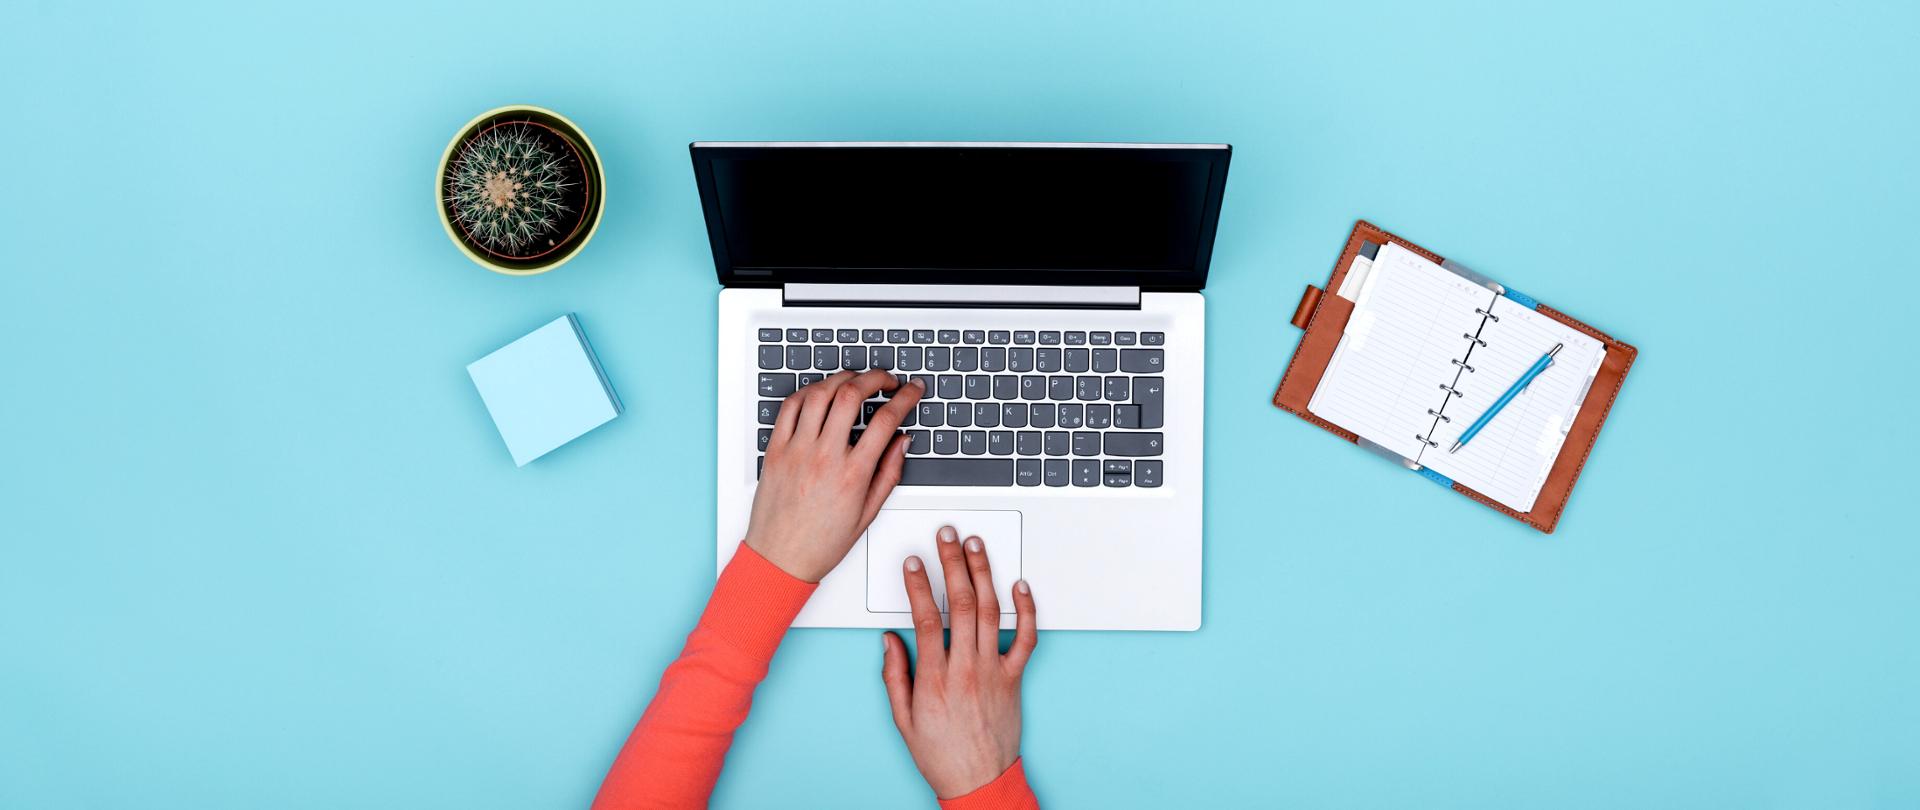 Dłonie pracujące na otwartym laptopie. Obok laptopa leżą notes i kaktus.